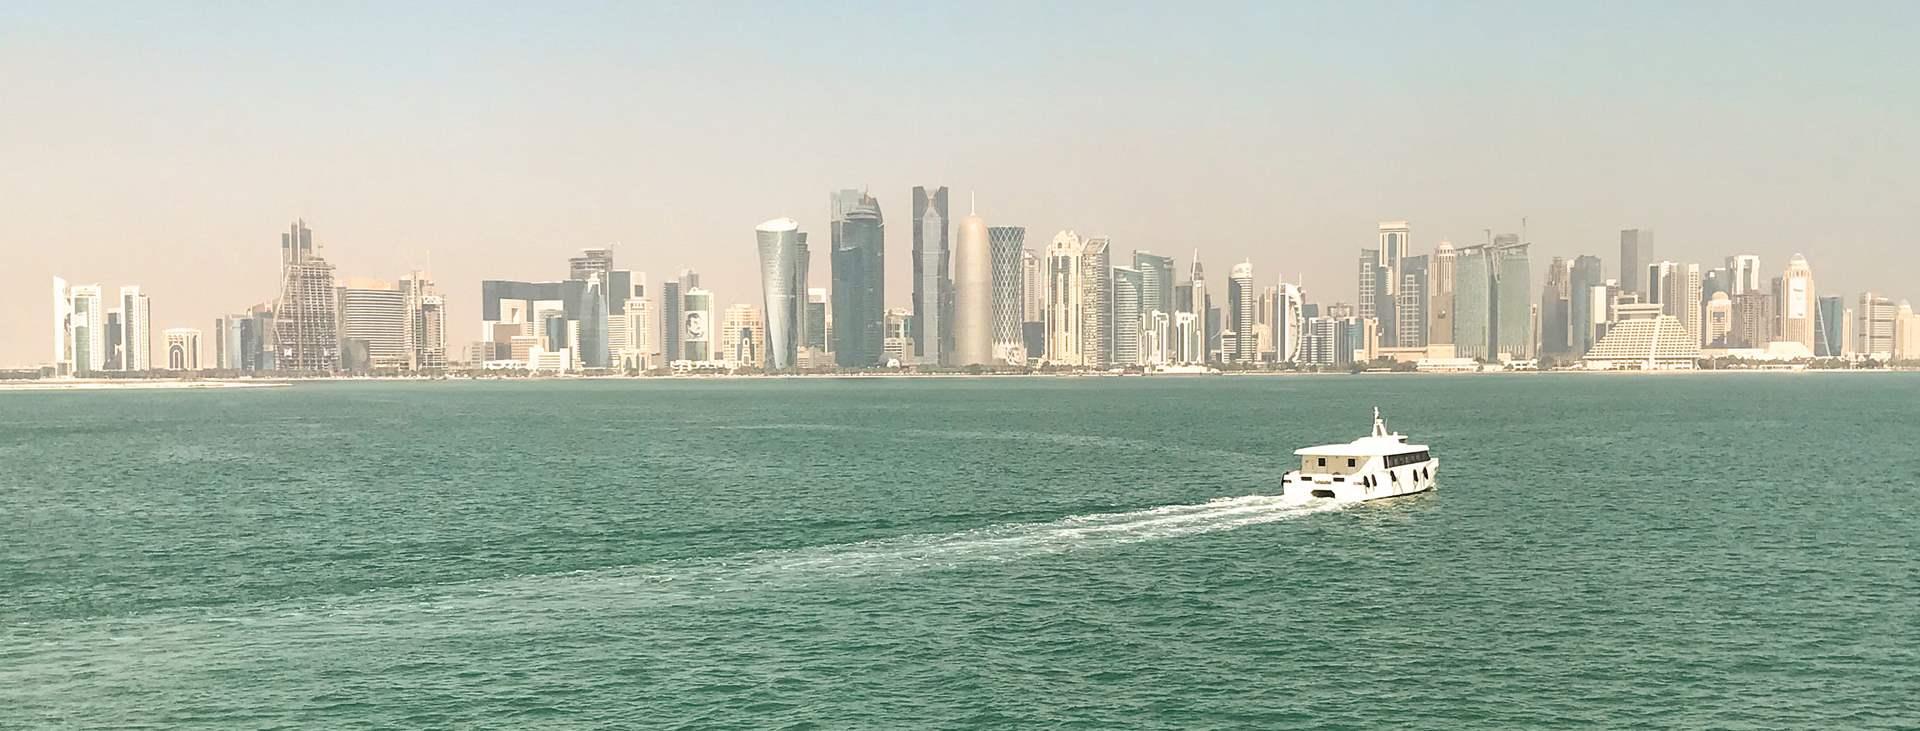 Boka en resa till Qatar med flyg och hotell